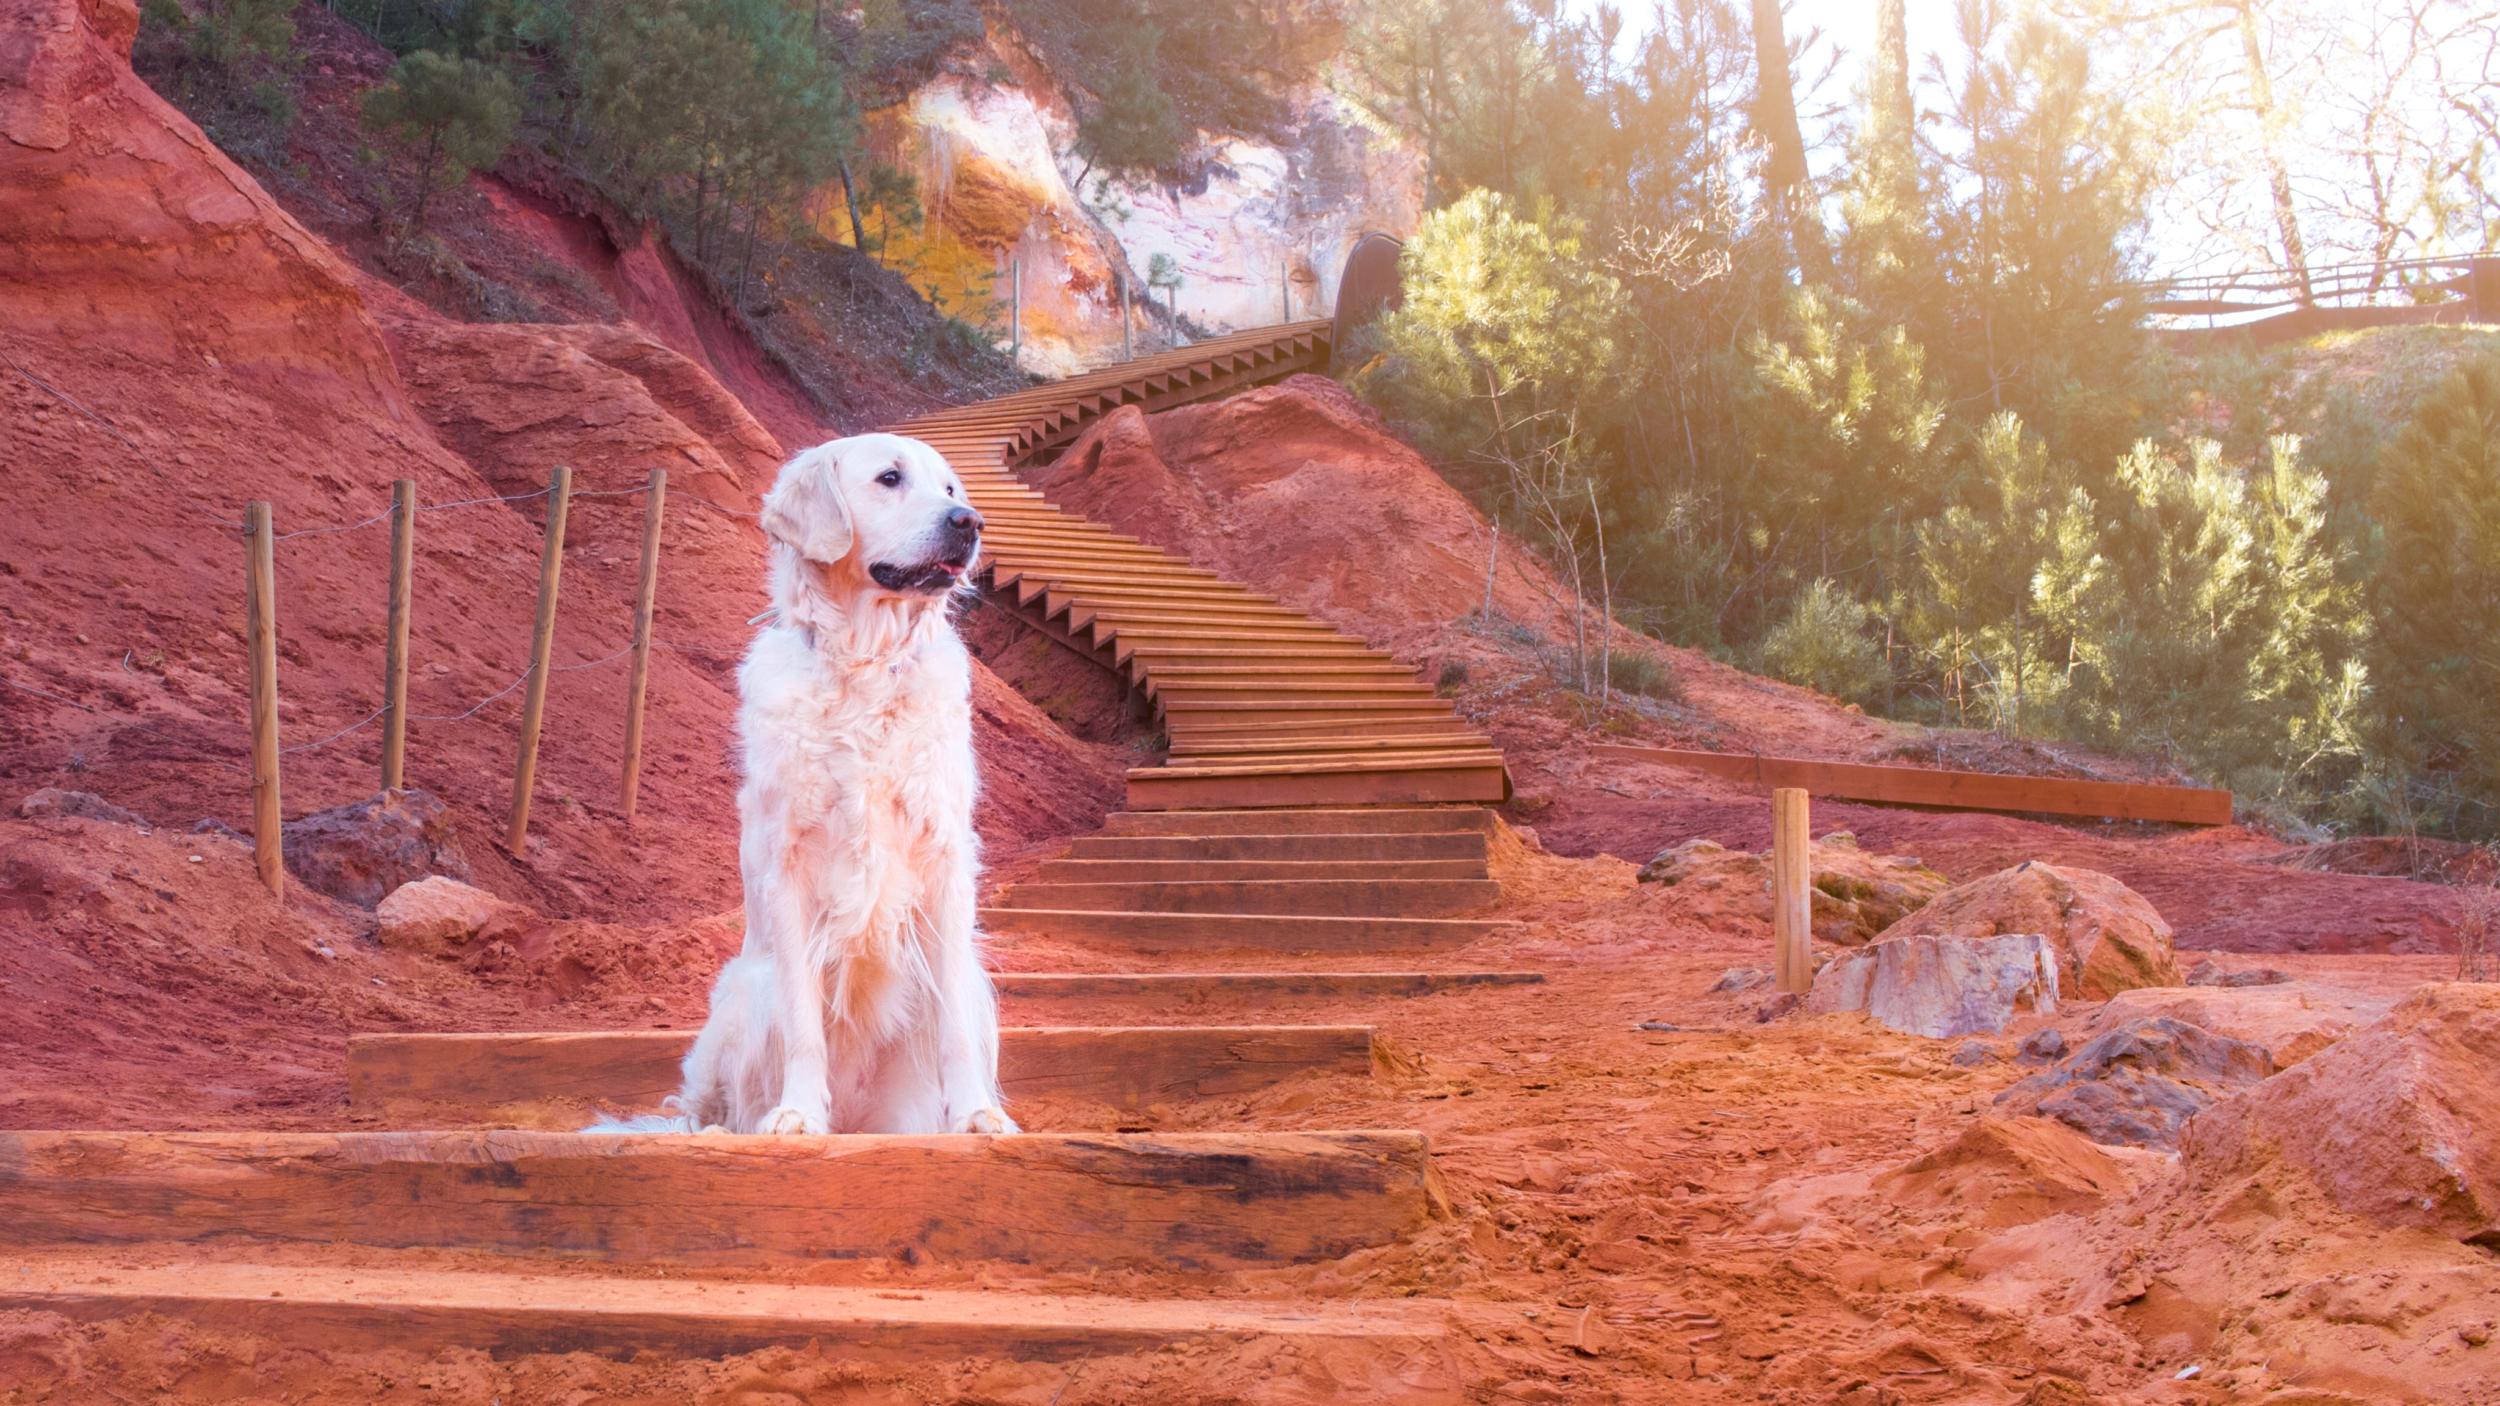 Le sentier des Ocres avec son chien